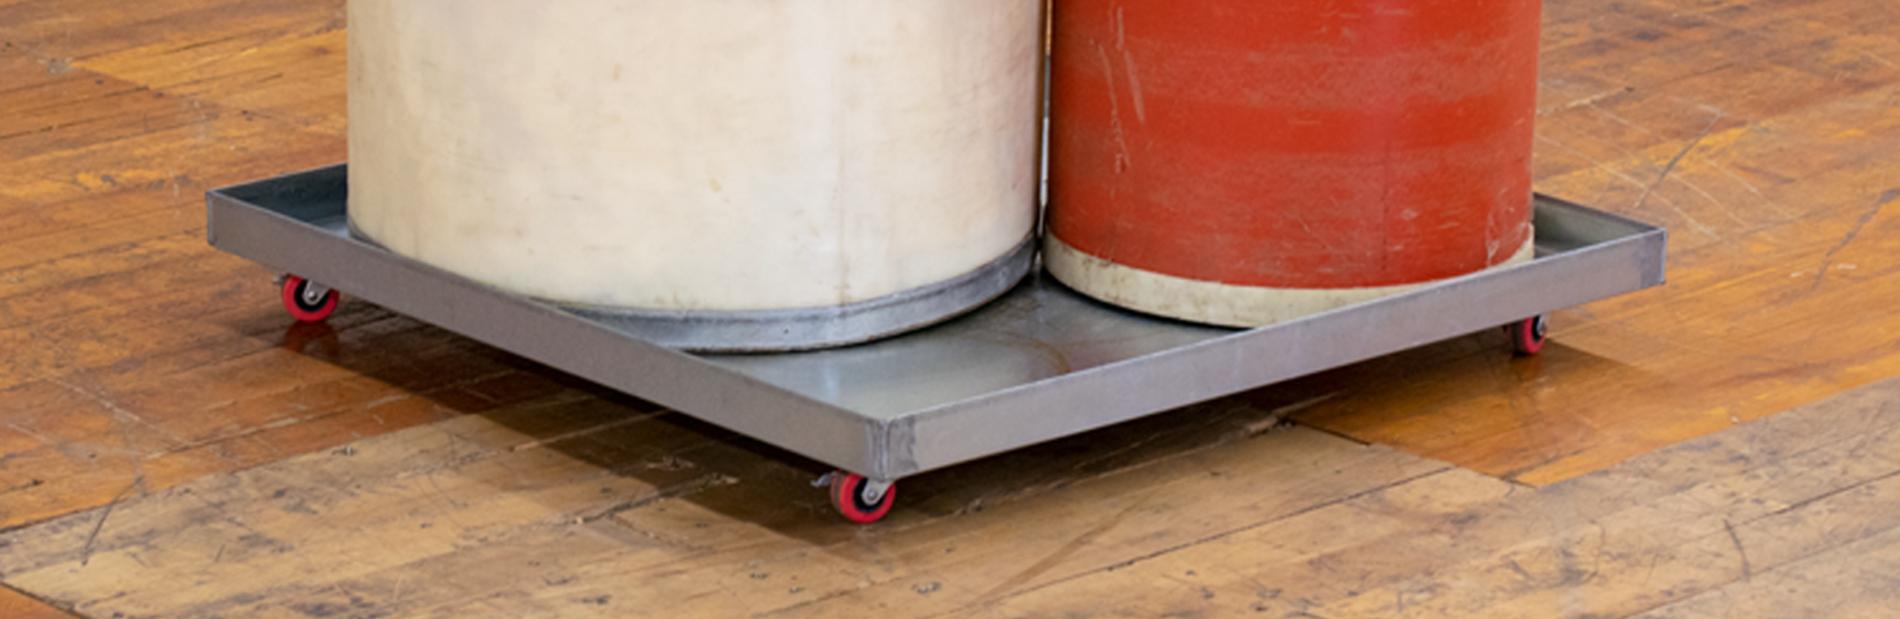 Large Metal Round Oil Drip Pan